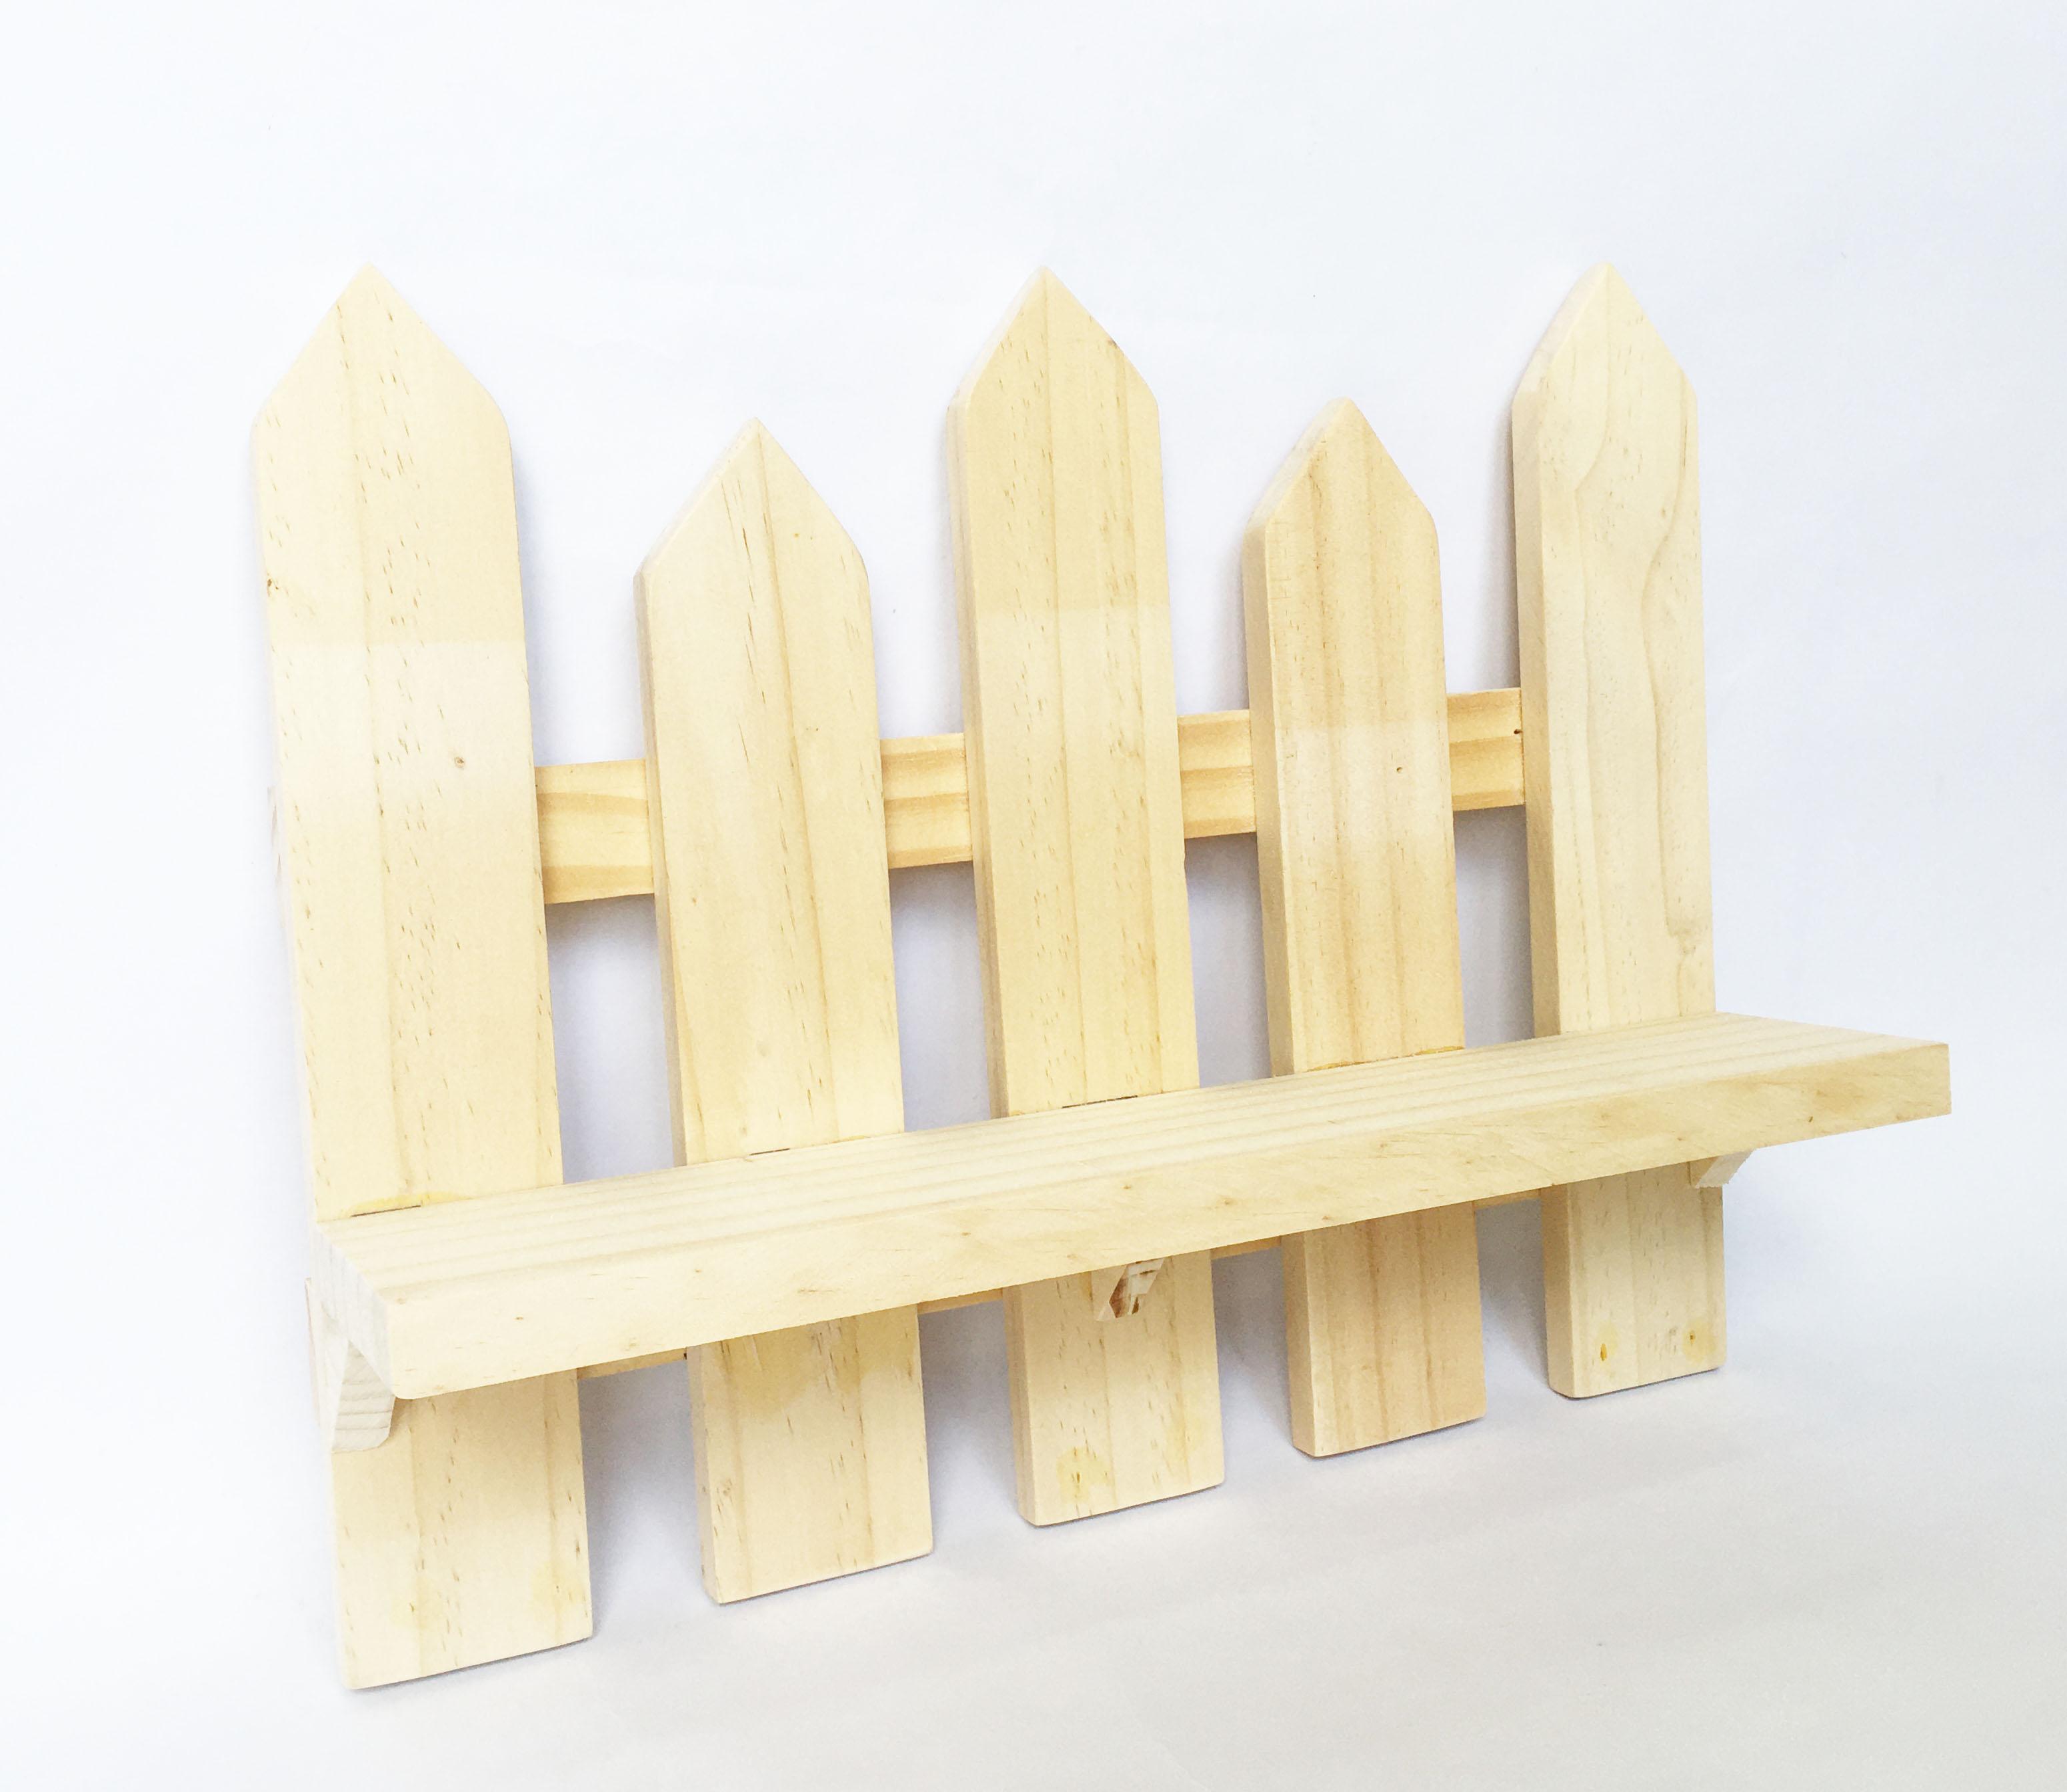 Kệ đa năng Kệ gỗ treo tường trang trí hình hàng rào gỗ thông KT D32xC25cm